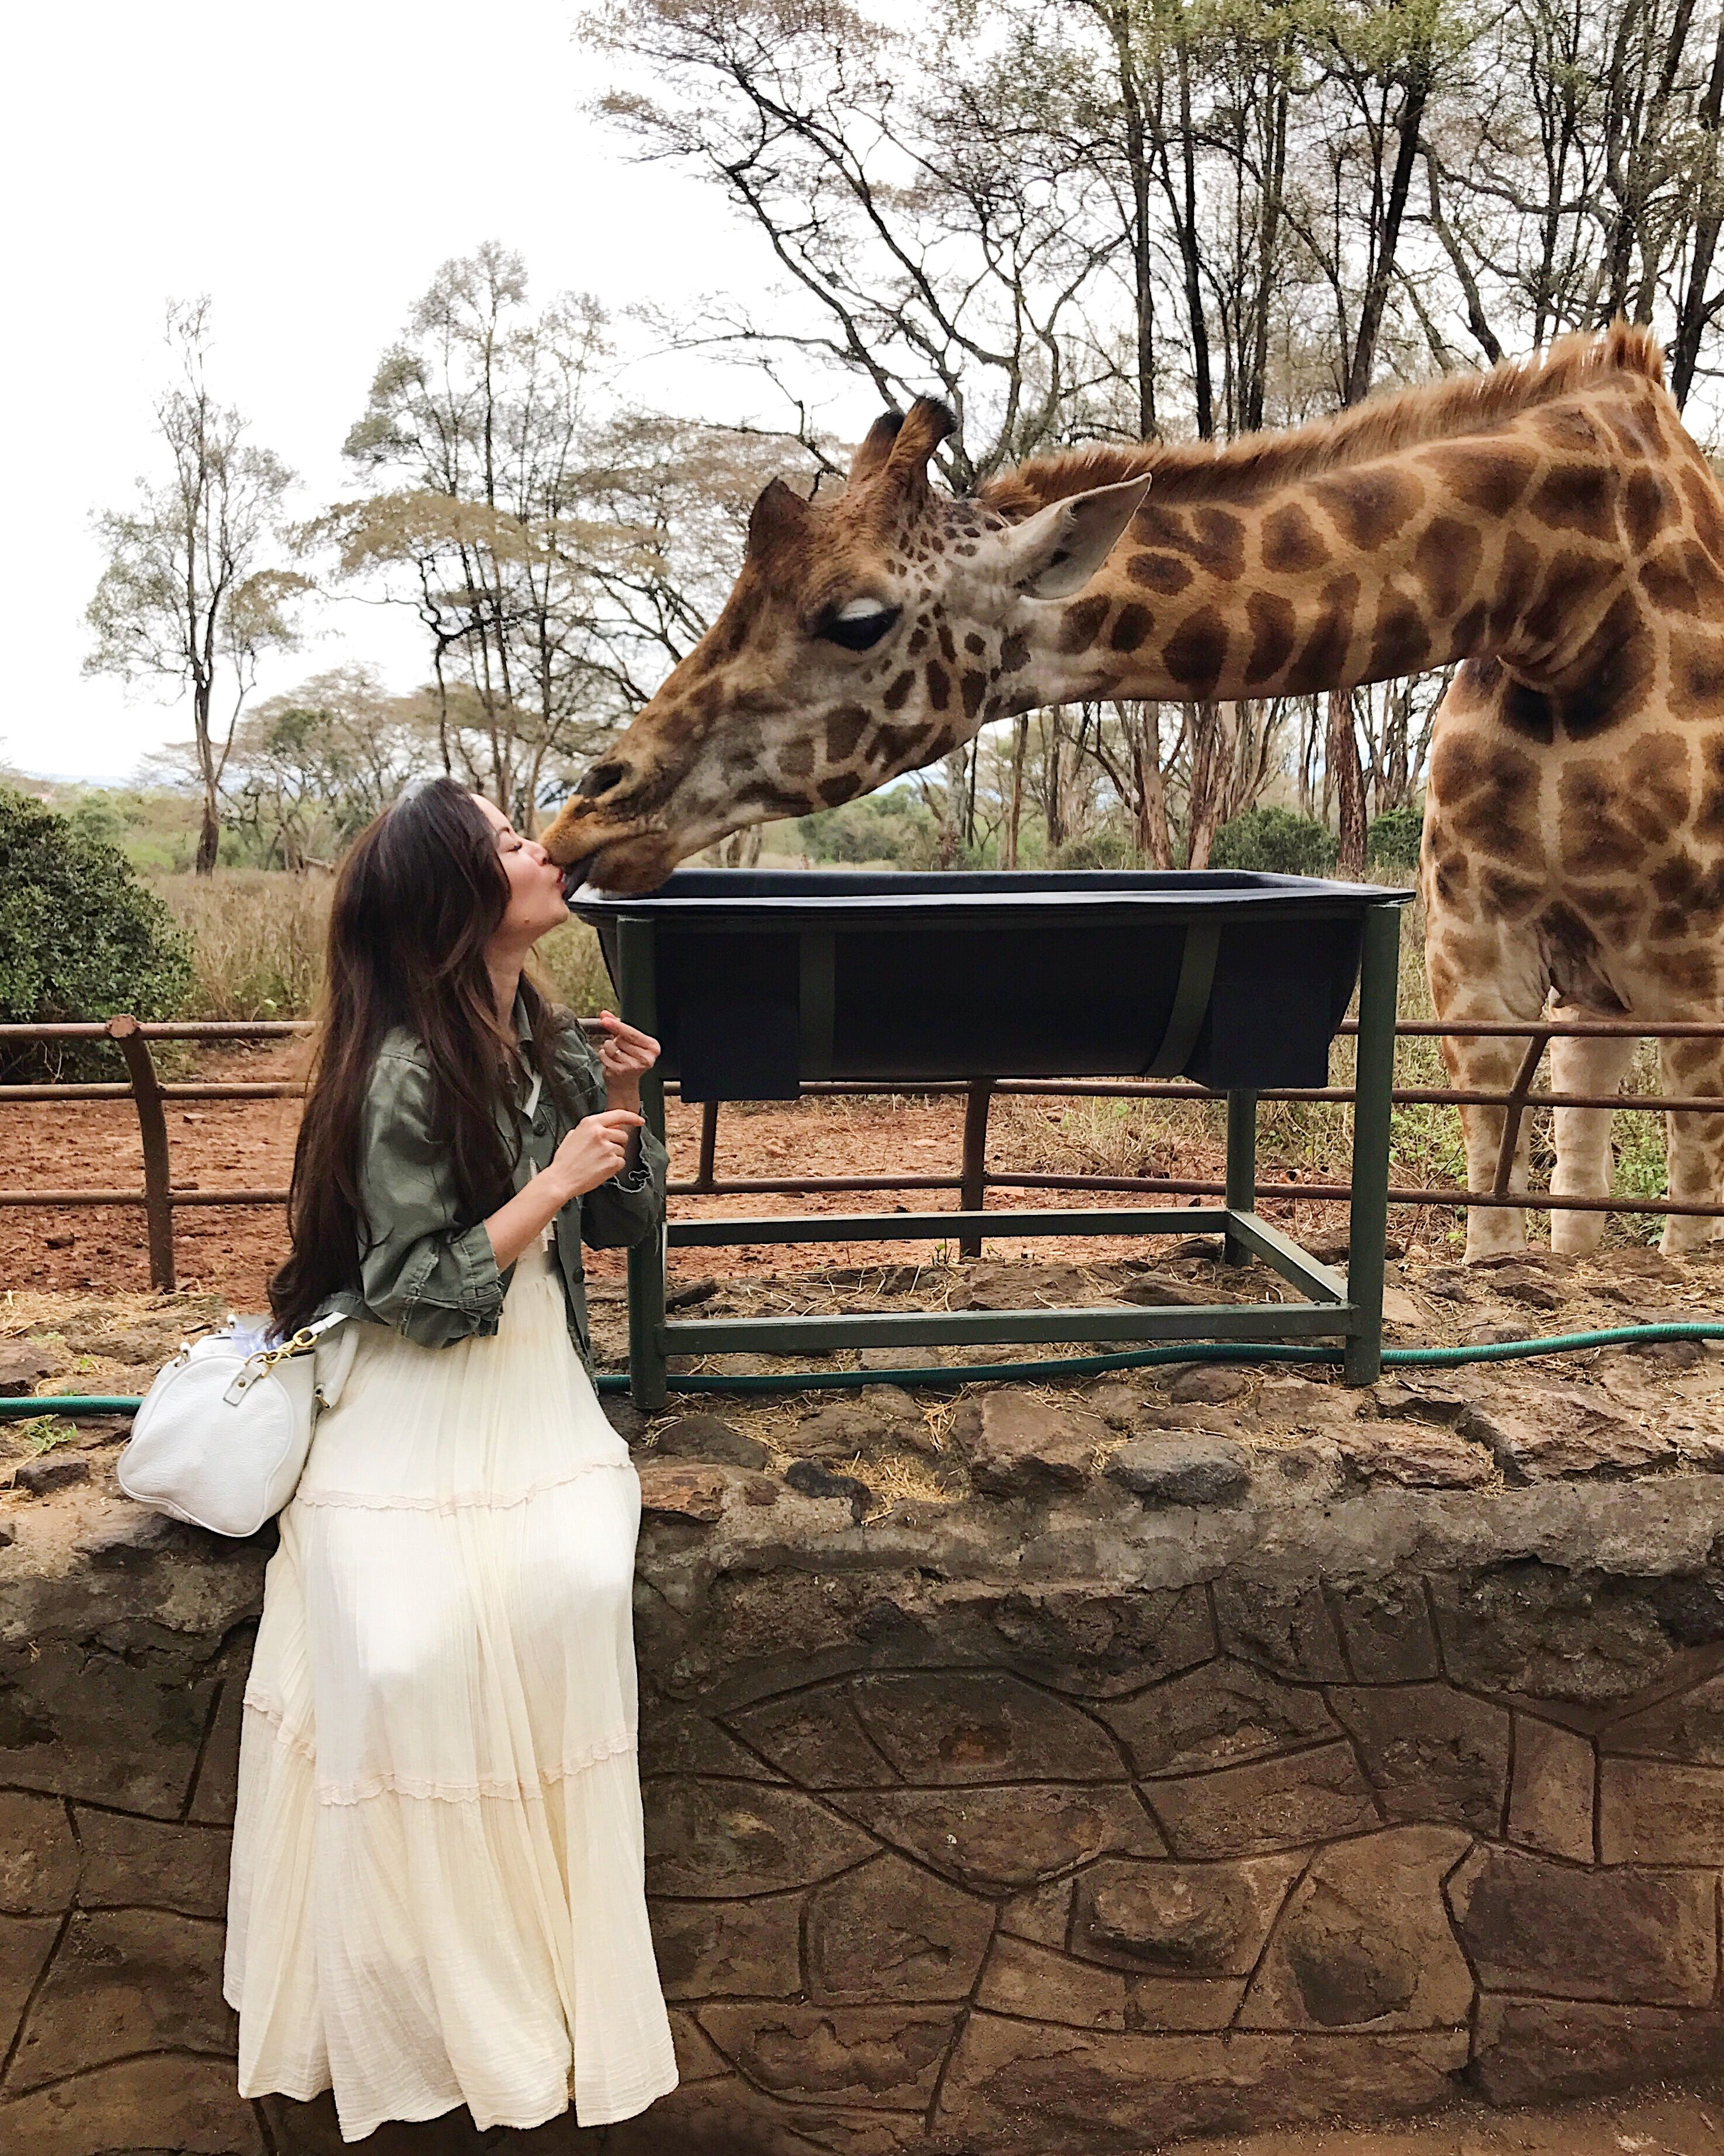 Top 10 Reasons To Visit Nairobi Part 1 Nairobi 10 Reasons 10 Things